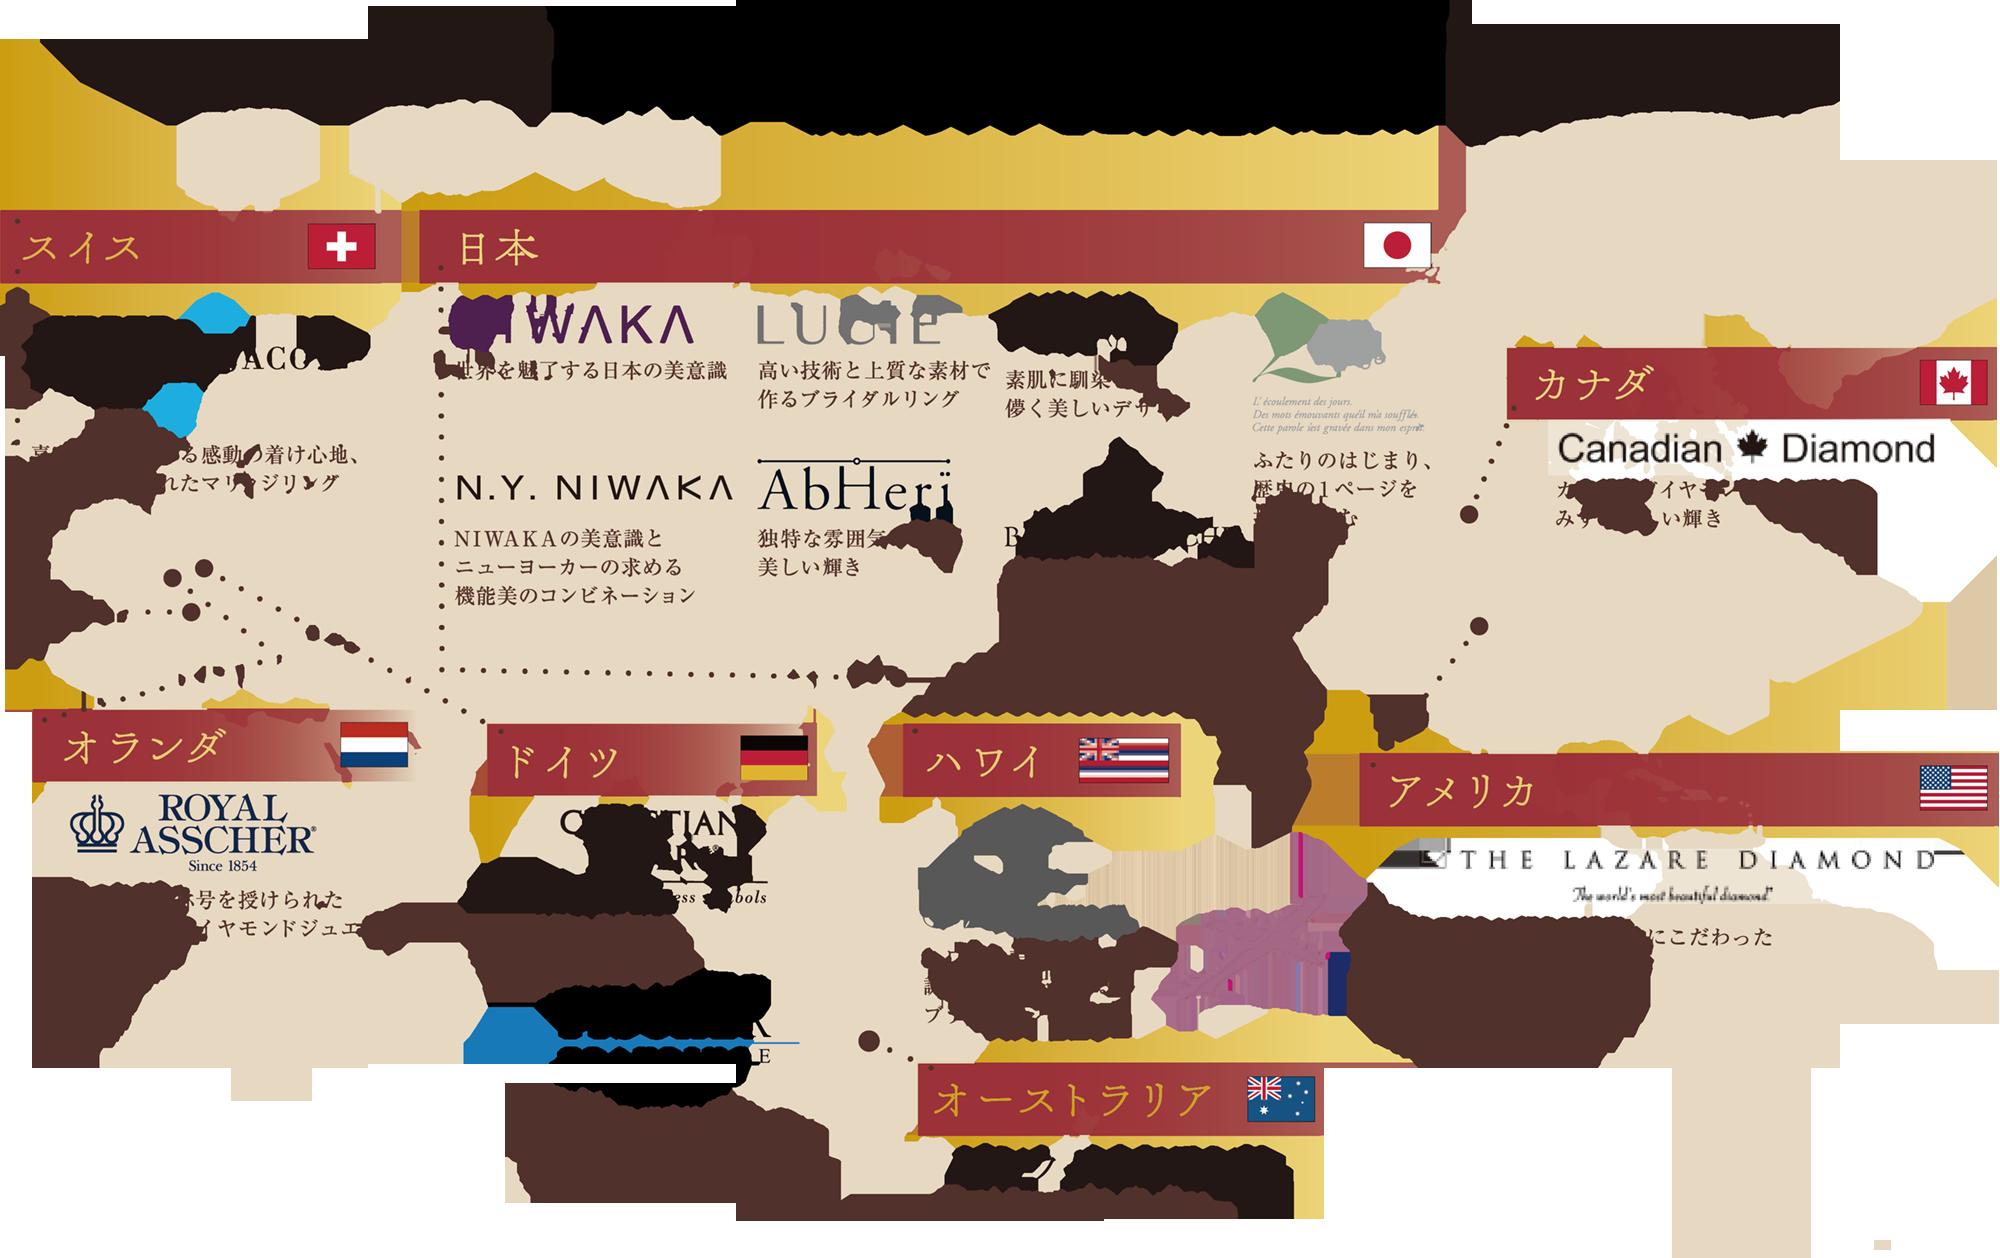 世界ブランドツアー ブランドマップ